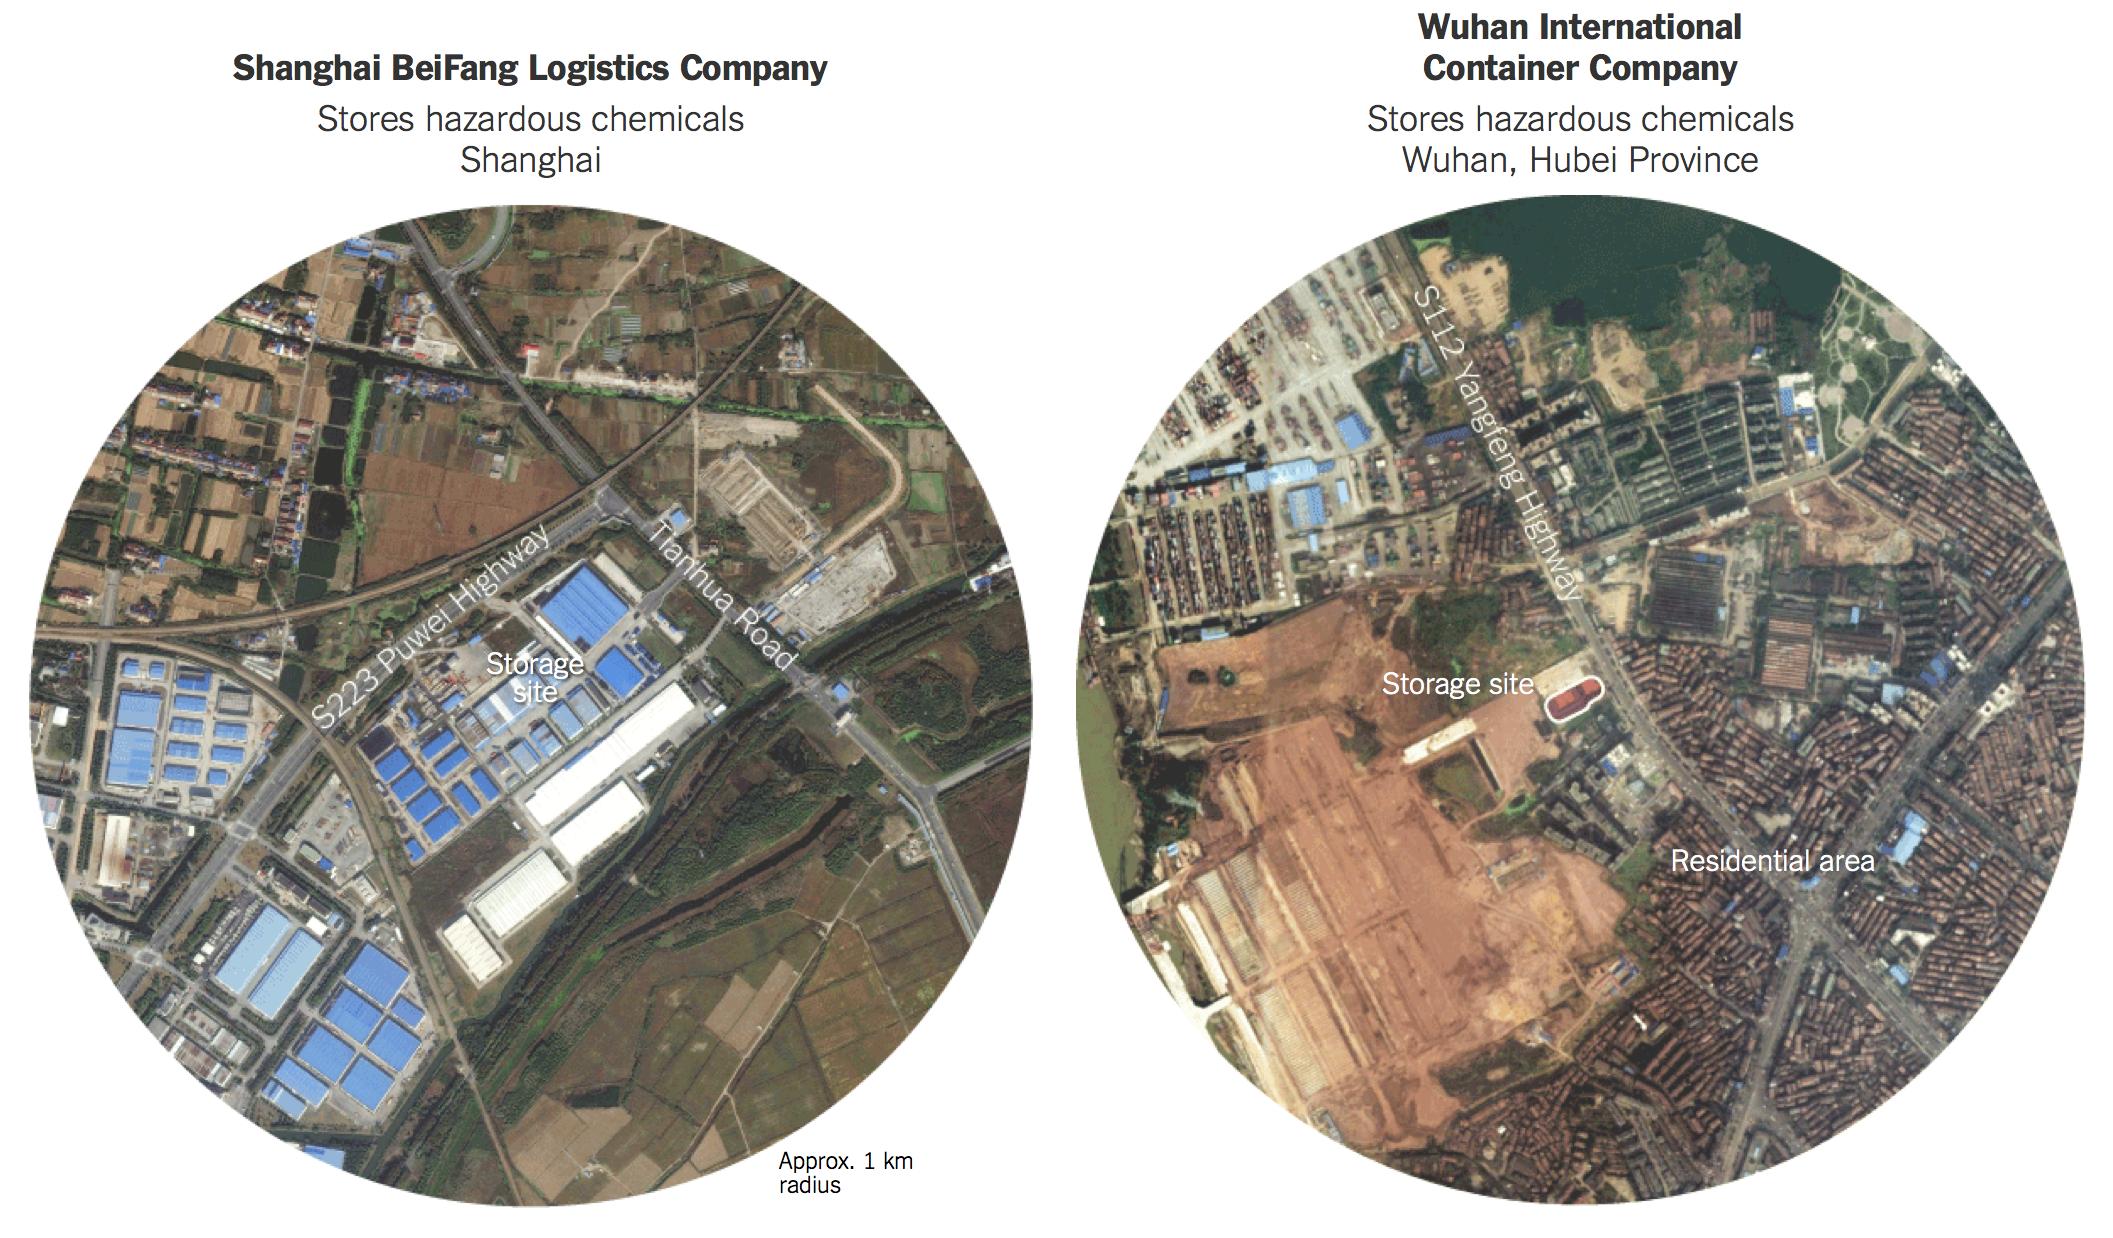 纽约时报|中国各地危化品与居民区的致命距离